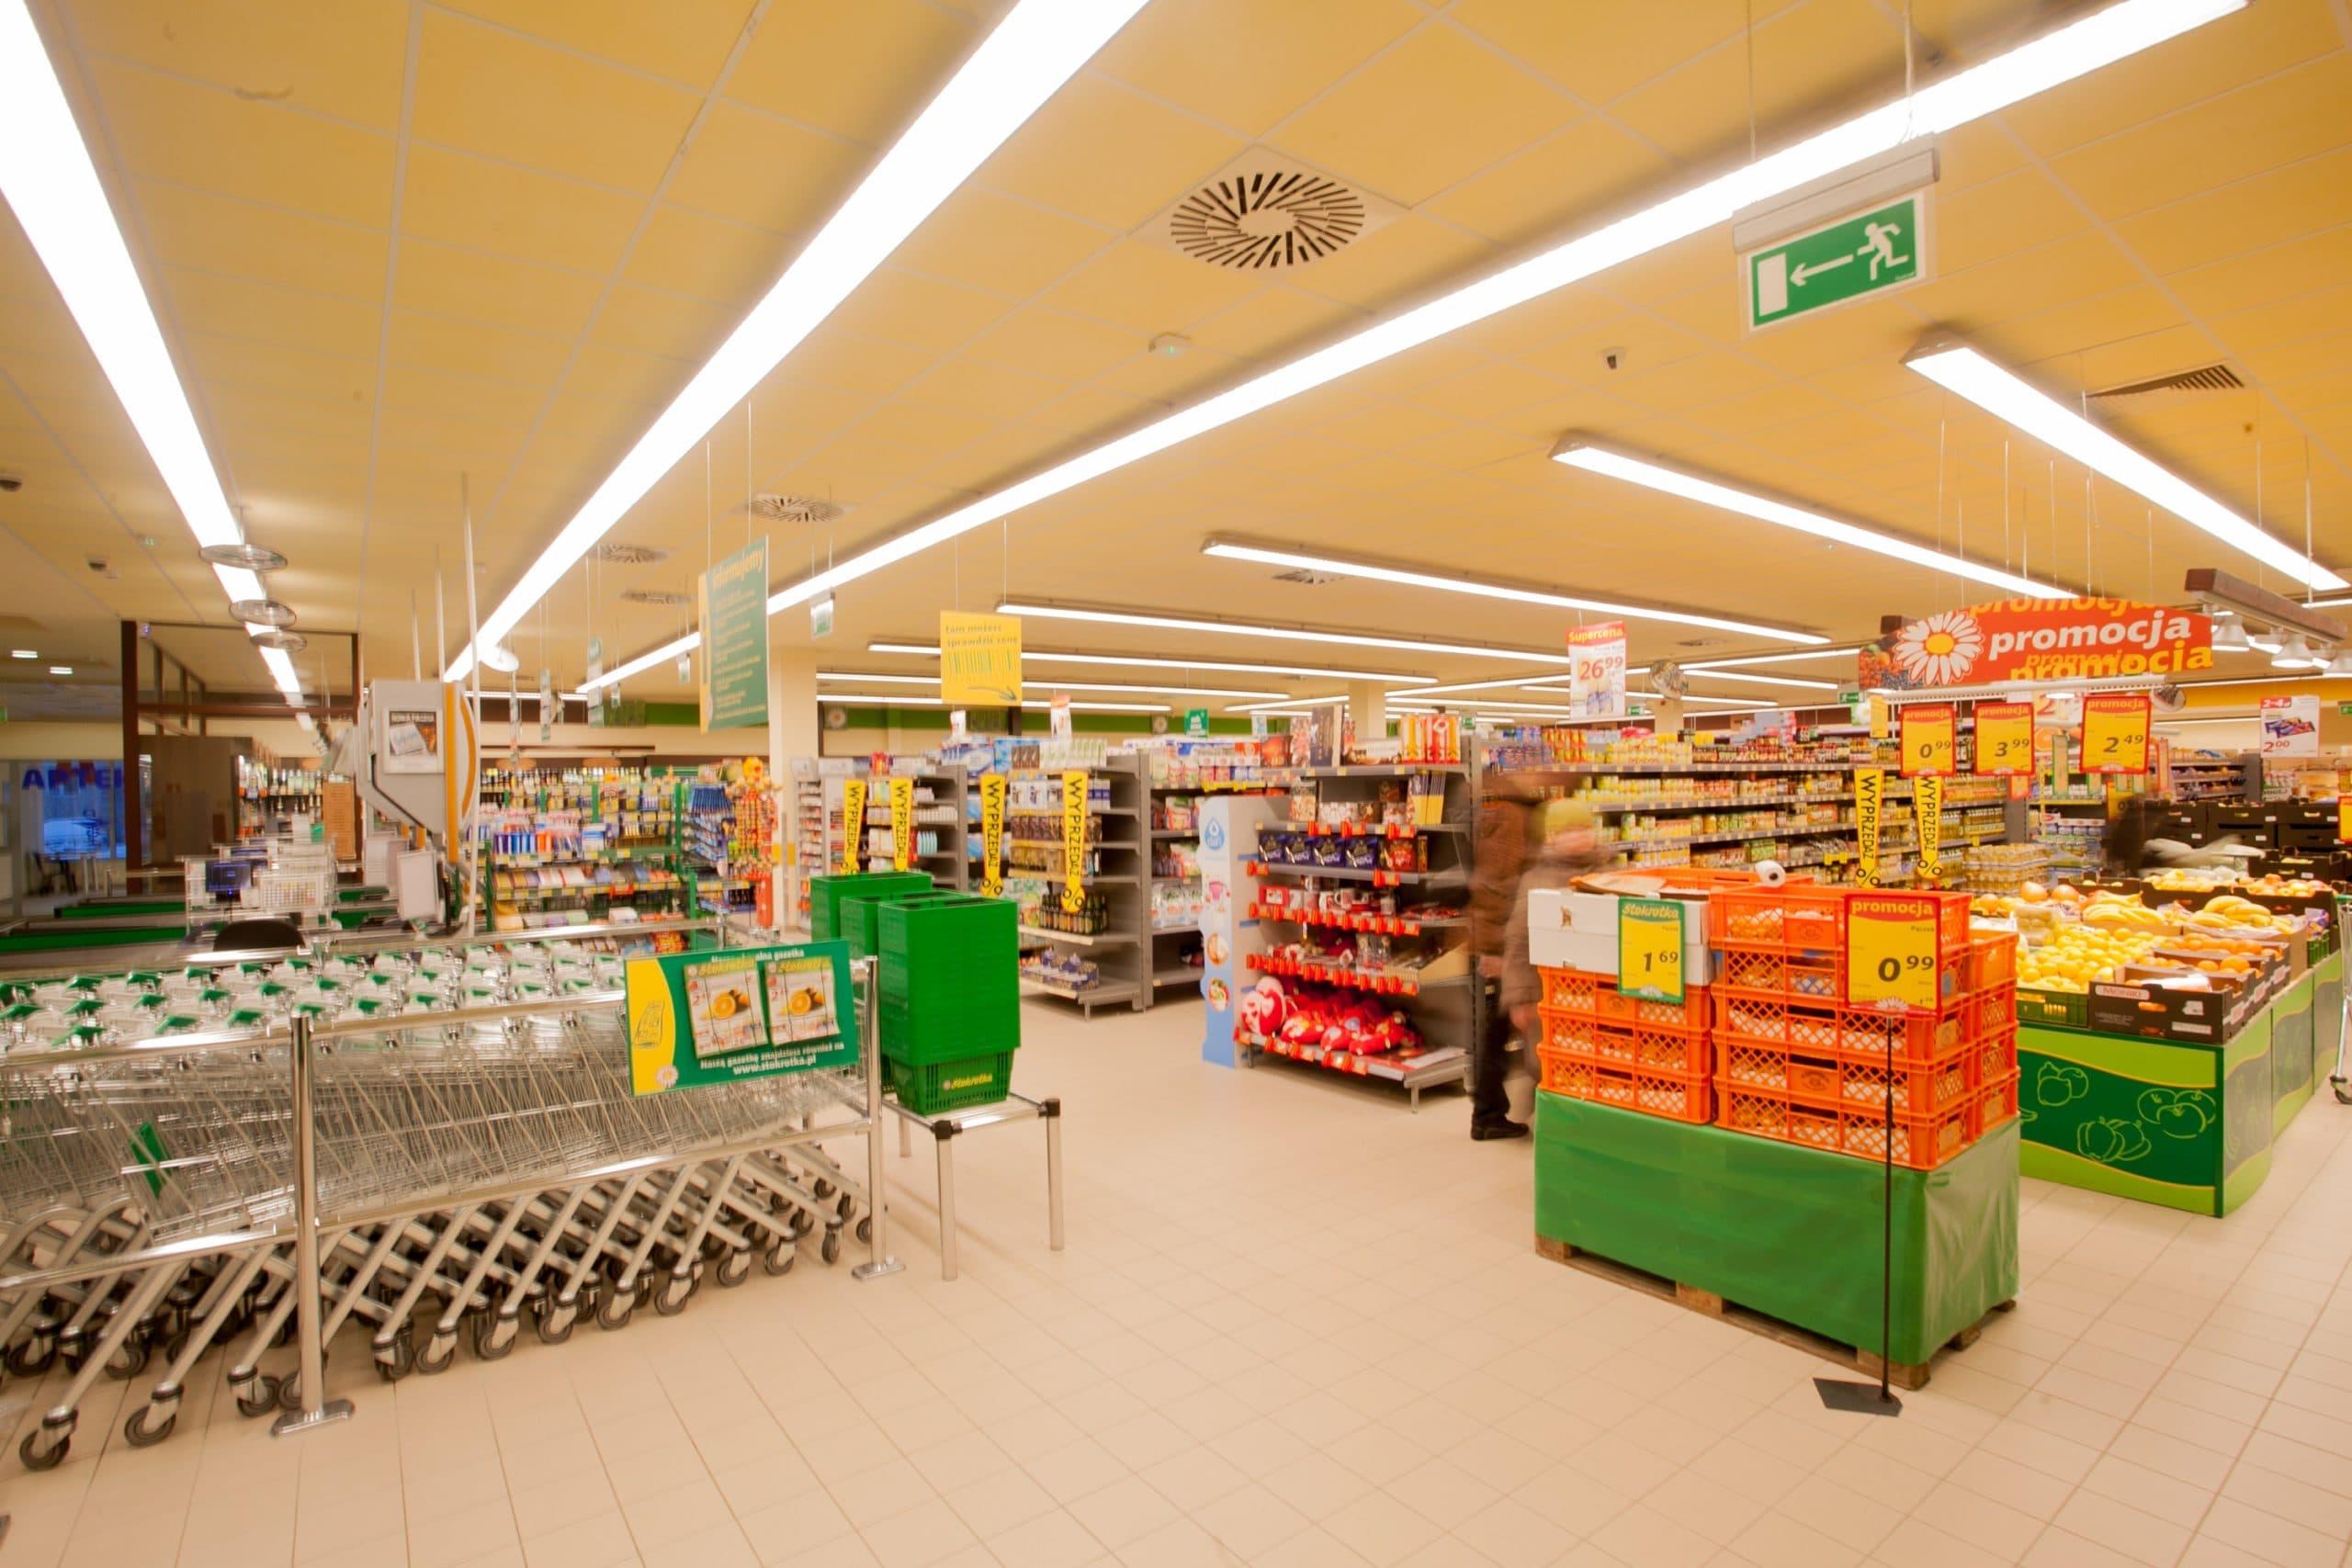 Oprawy liniowe, handlowe Lumiline w sklepie Stokrotka - Luxon LED